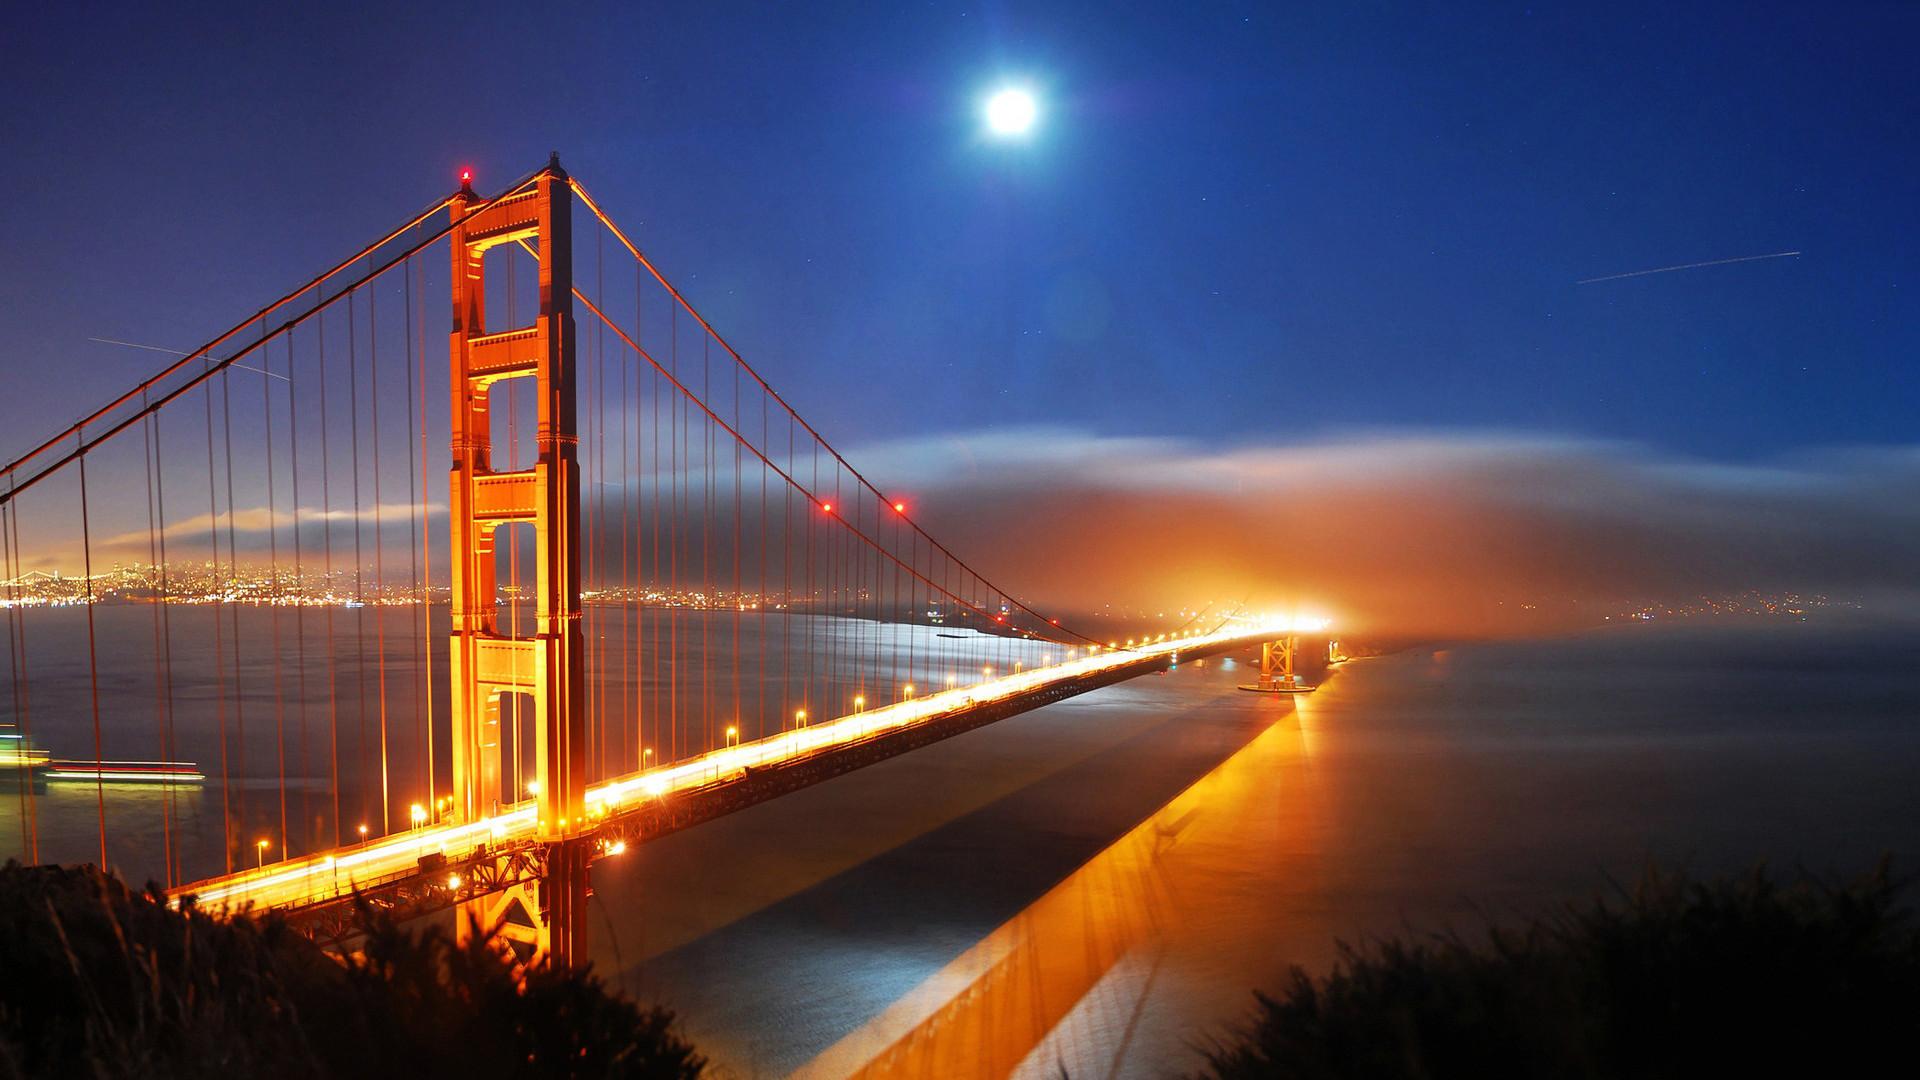 Golden Gate Bridge Fog Wallpaper Wide Desktop Wallpapers High